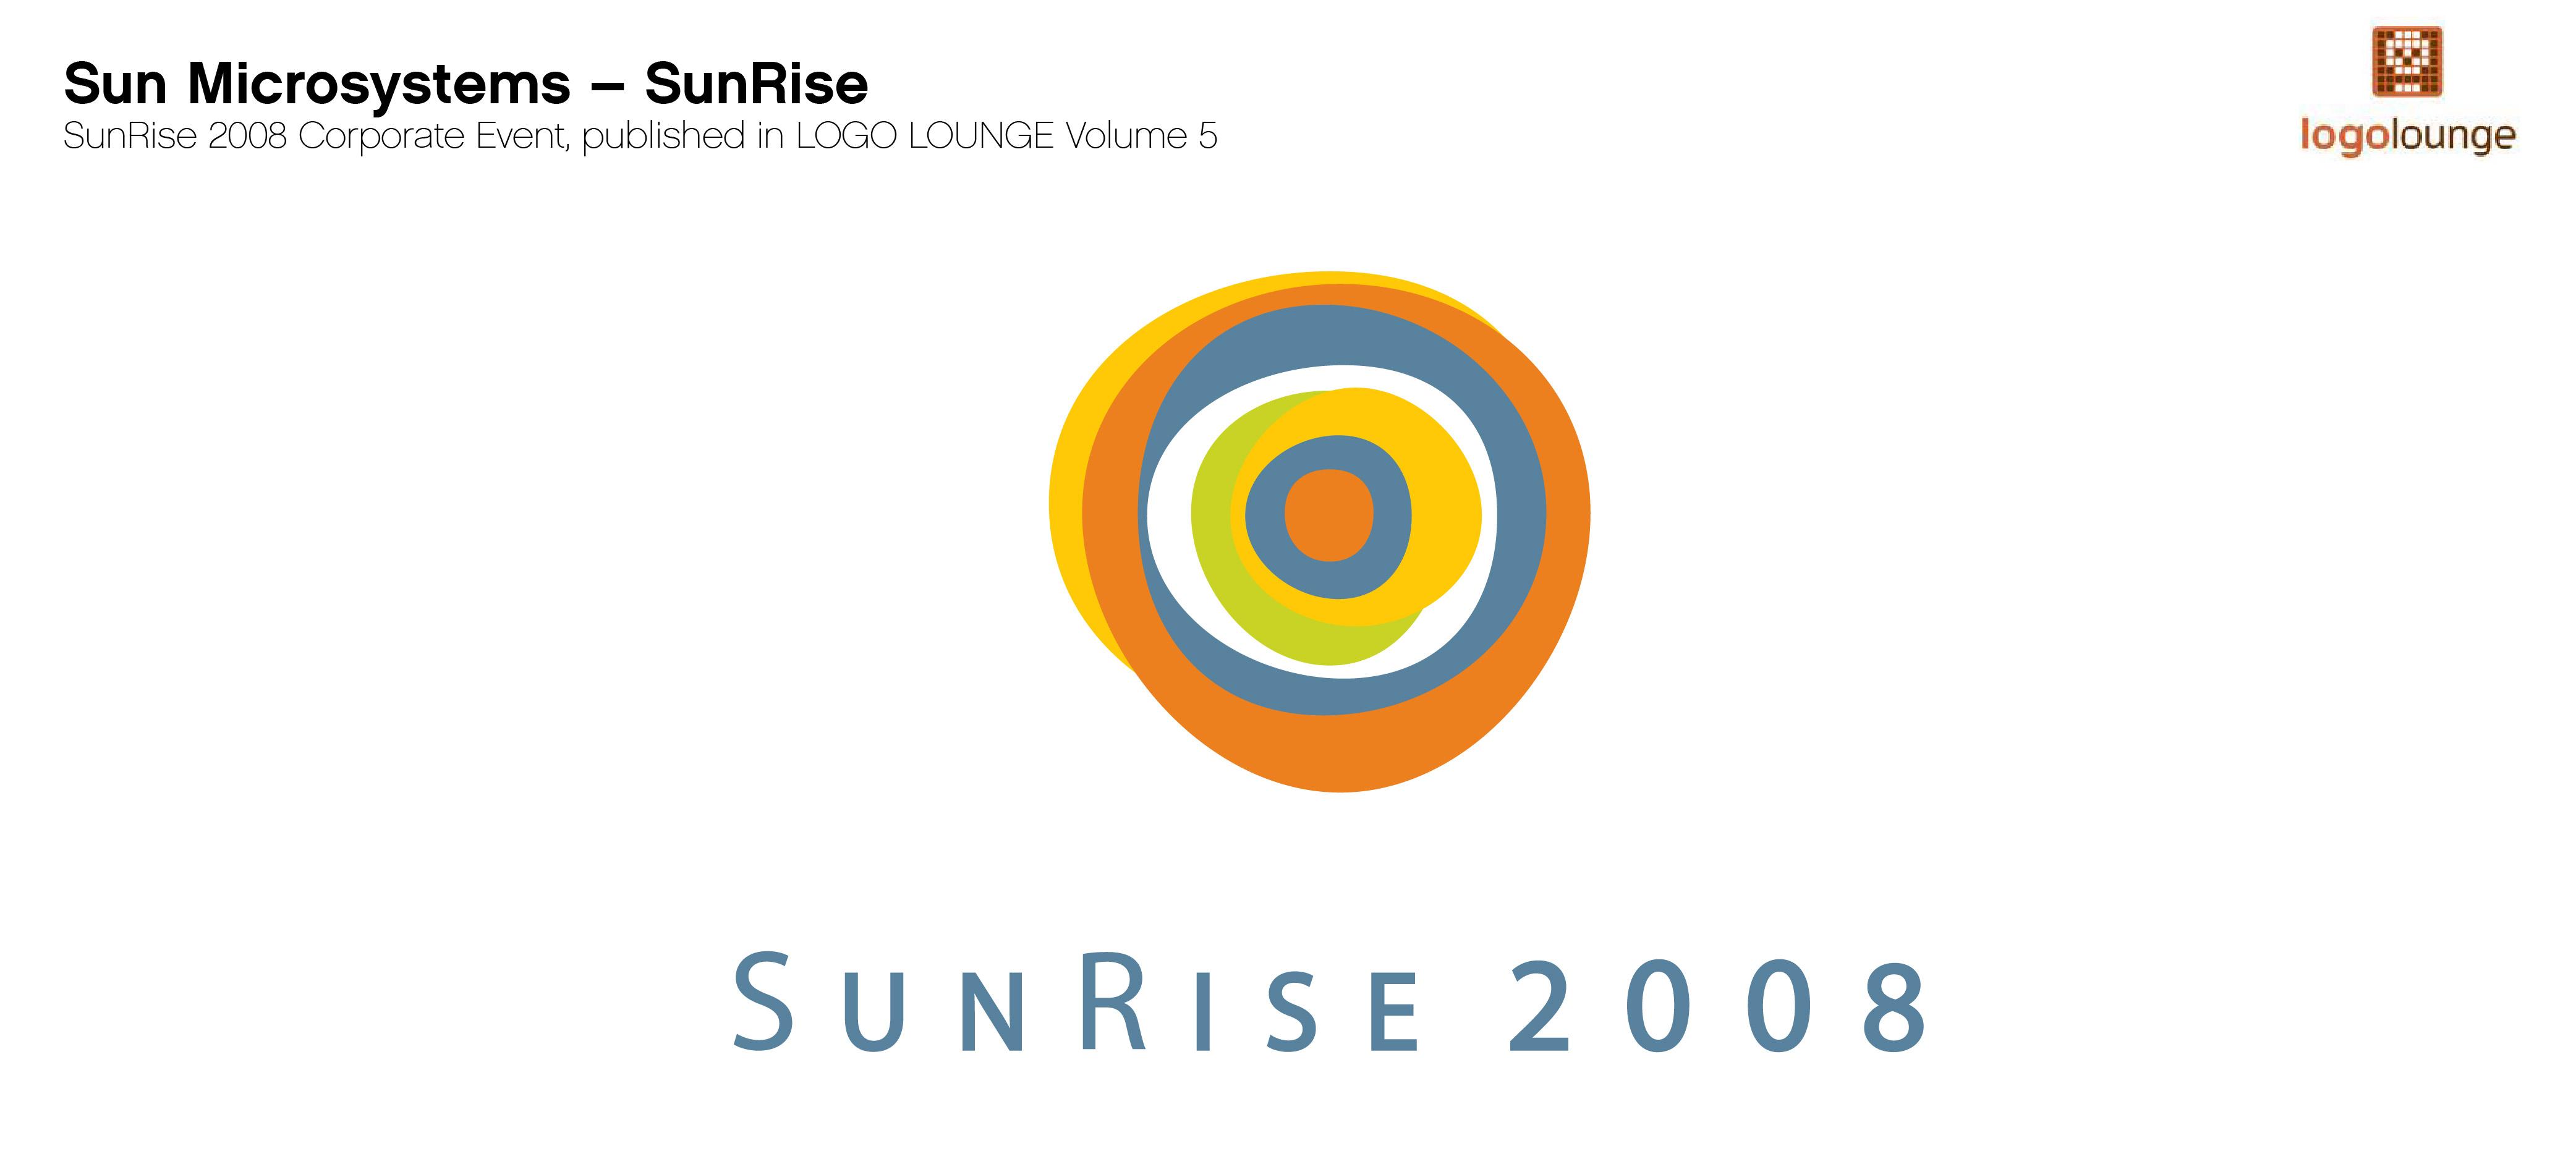 Sun Microsystems 2008 SunRise Event